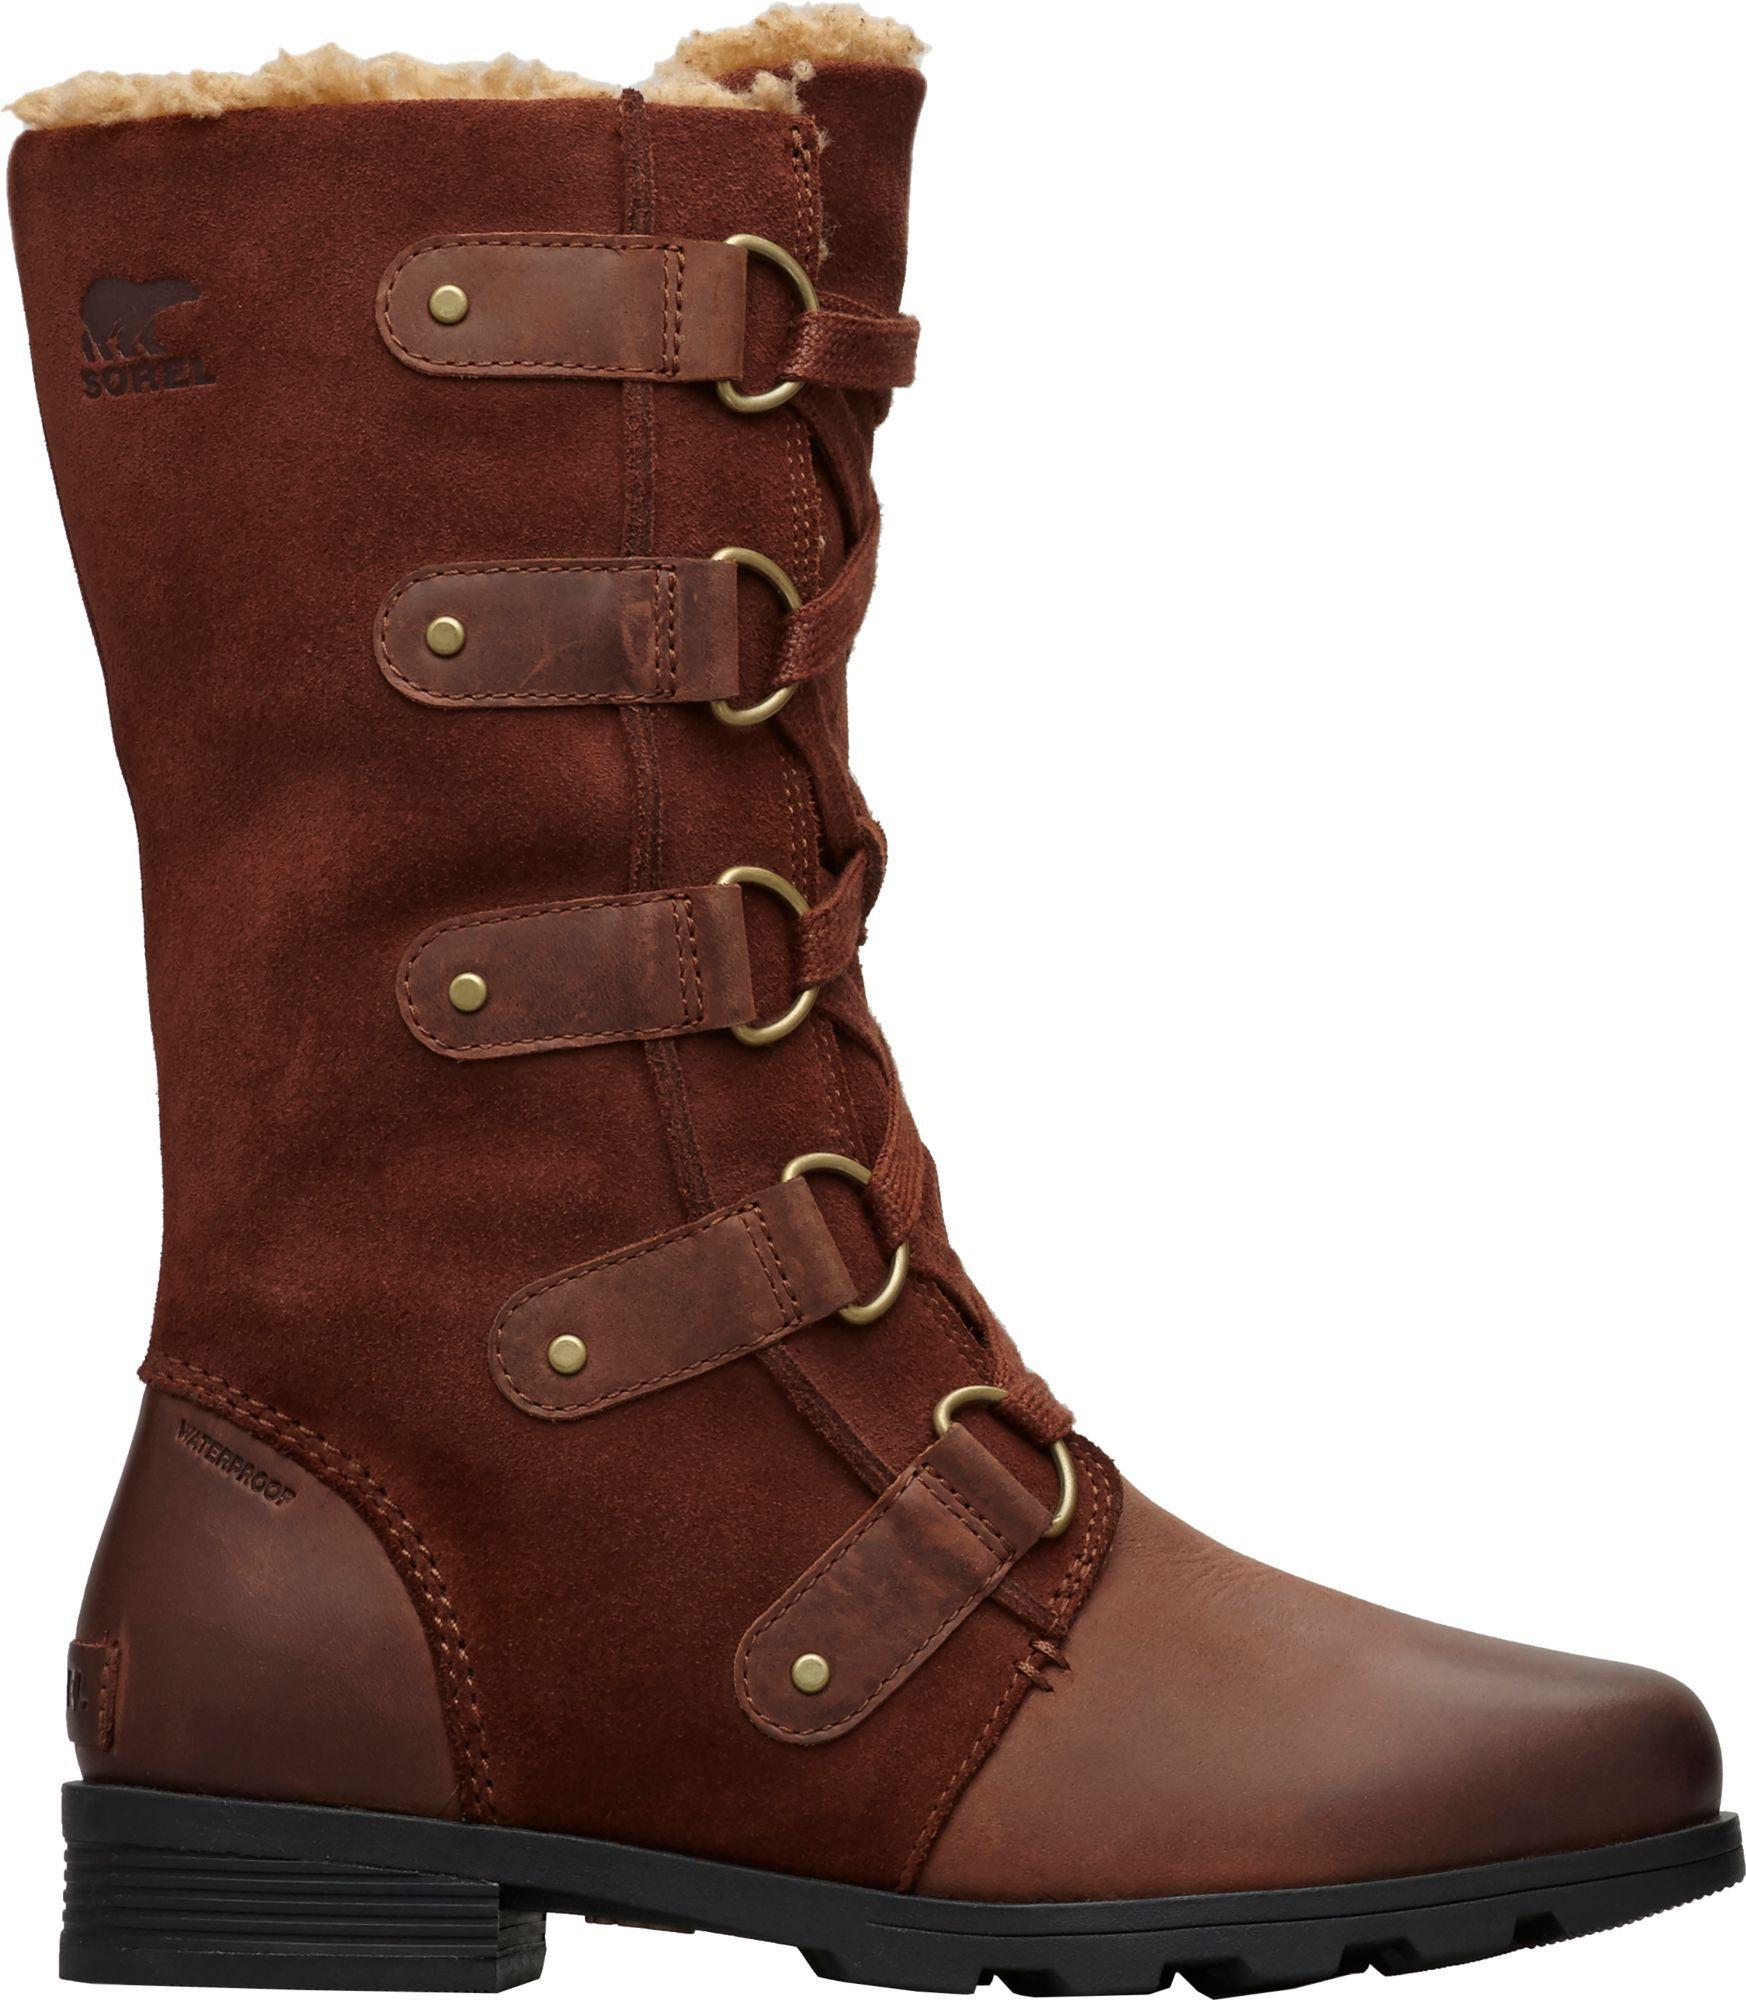 08d84698c84962 Sorel Women's Emelie Lace Waterproof 100g Winter Boots, Size: 8.5 ...